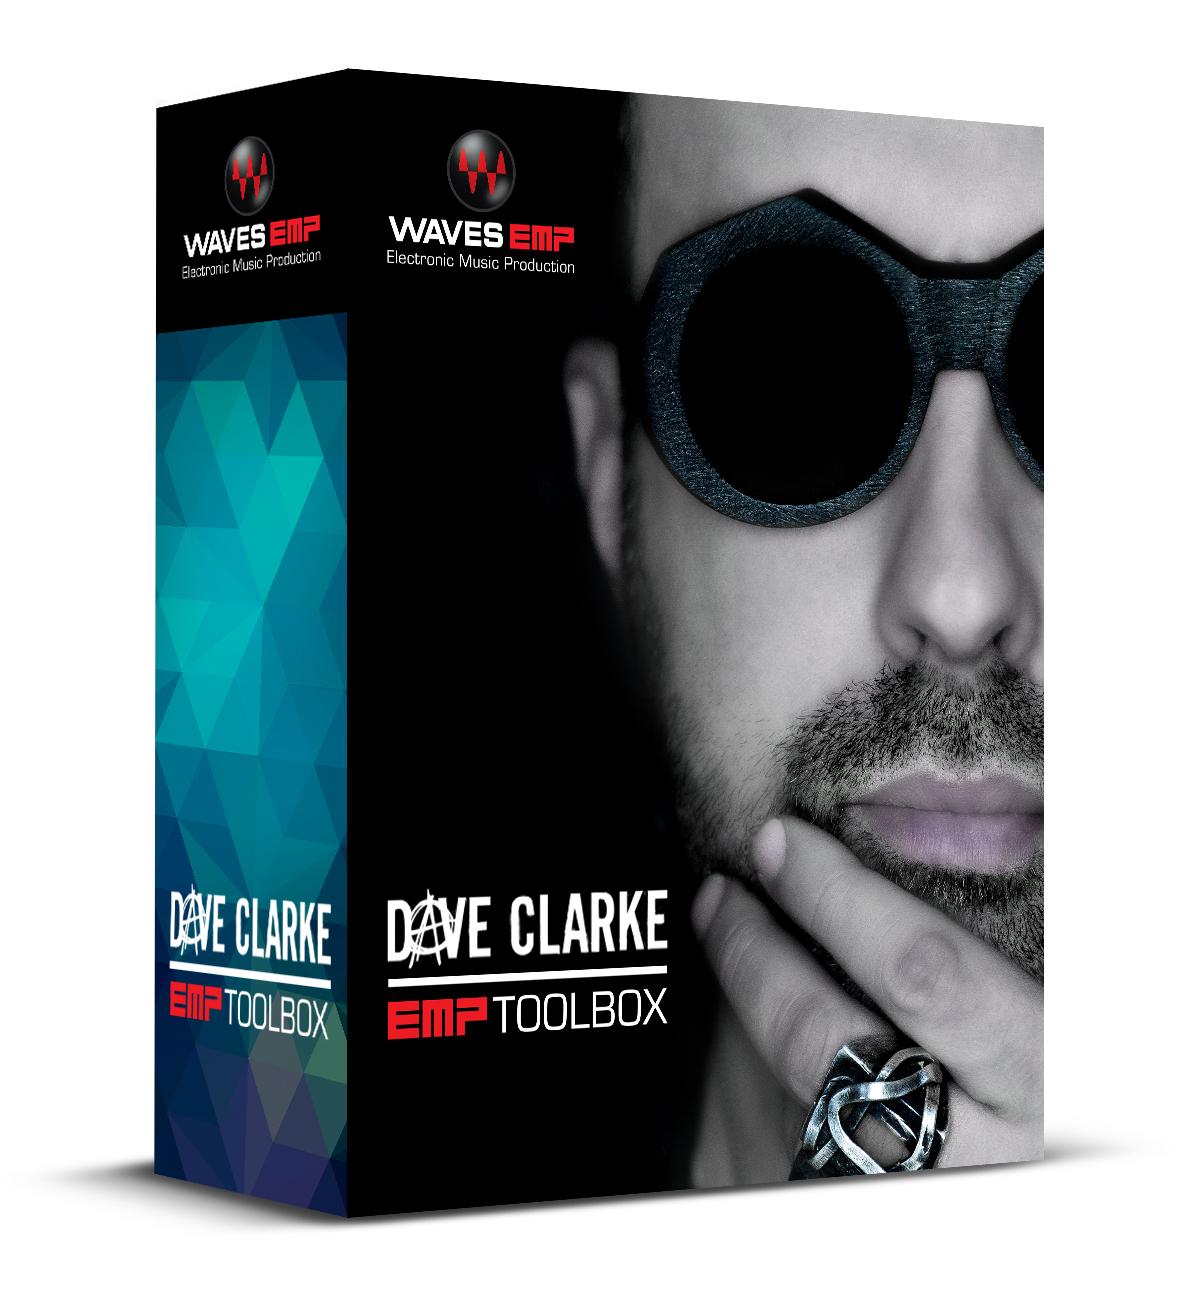 http://clynemedia.com/waves/EMP_DaveClarke/Clarke_Box.jpg